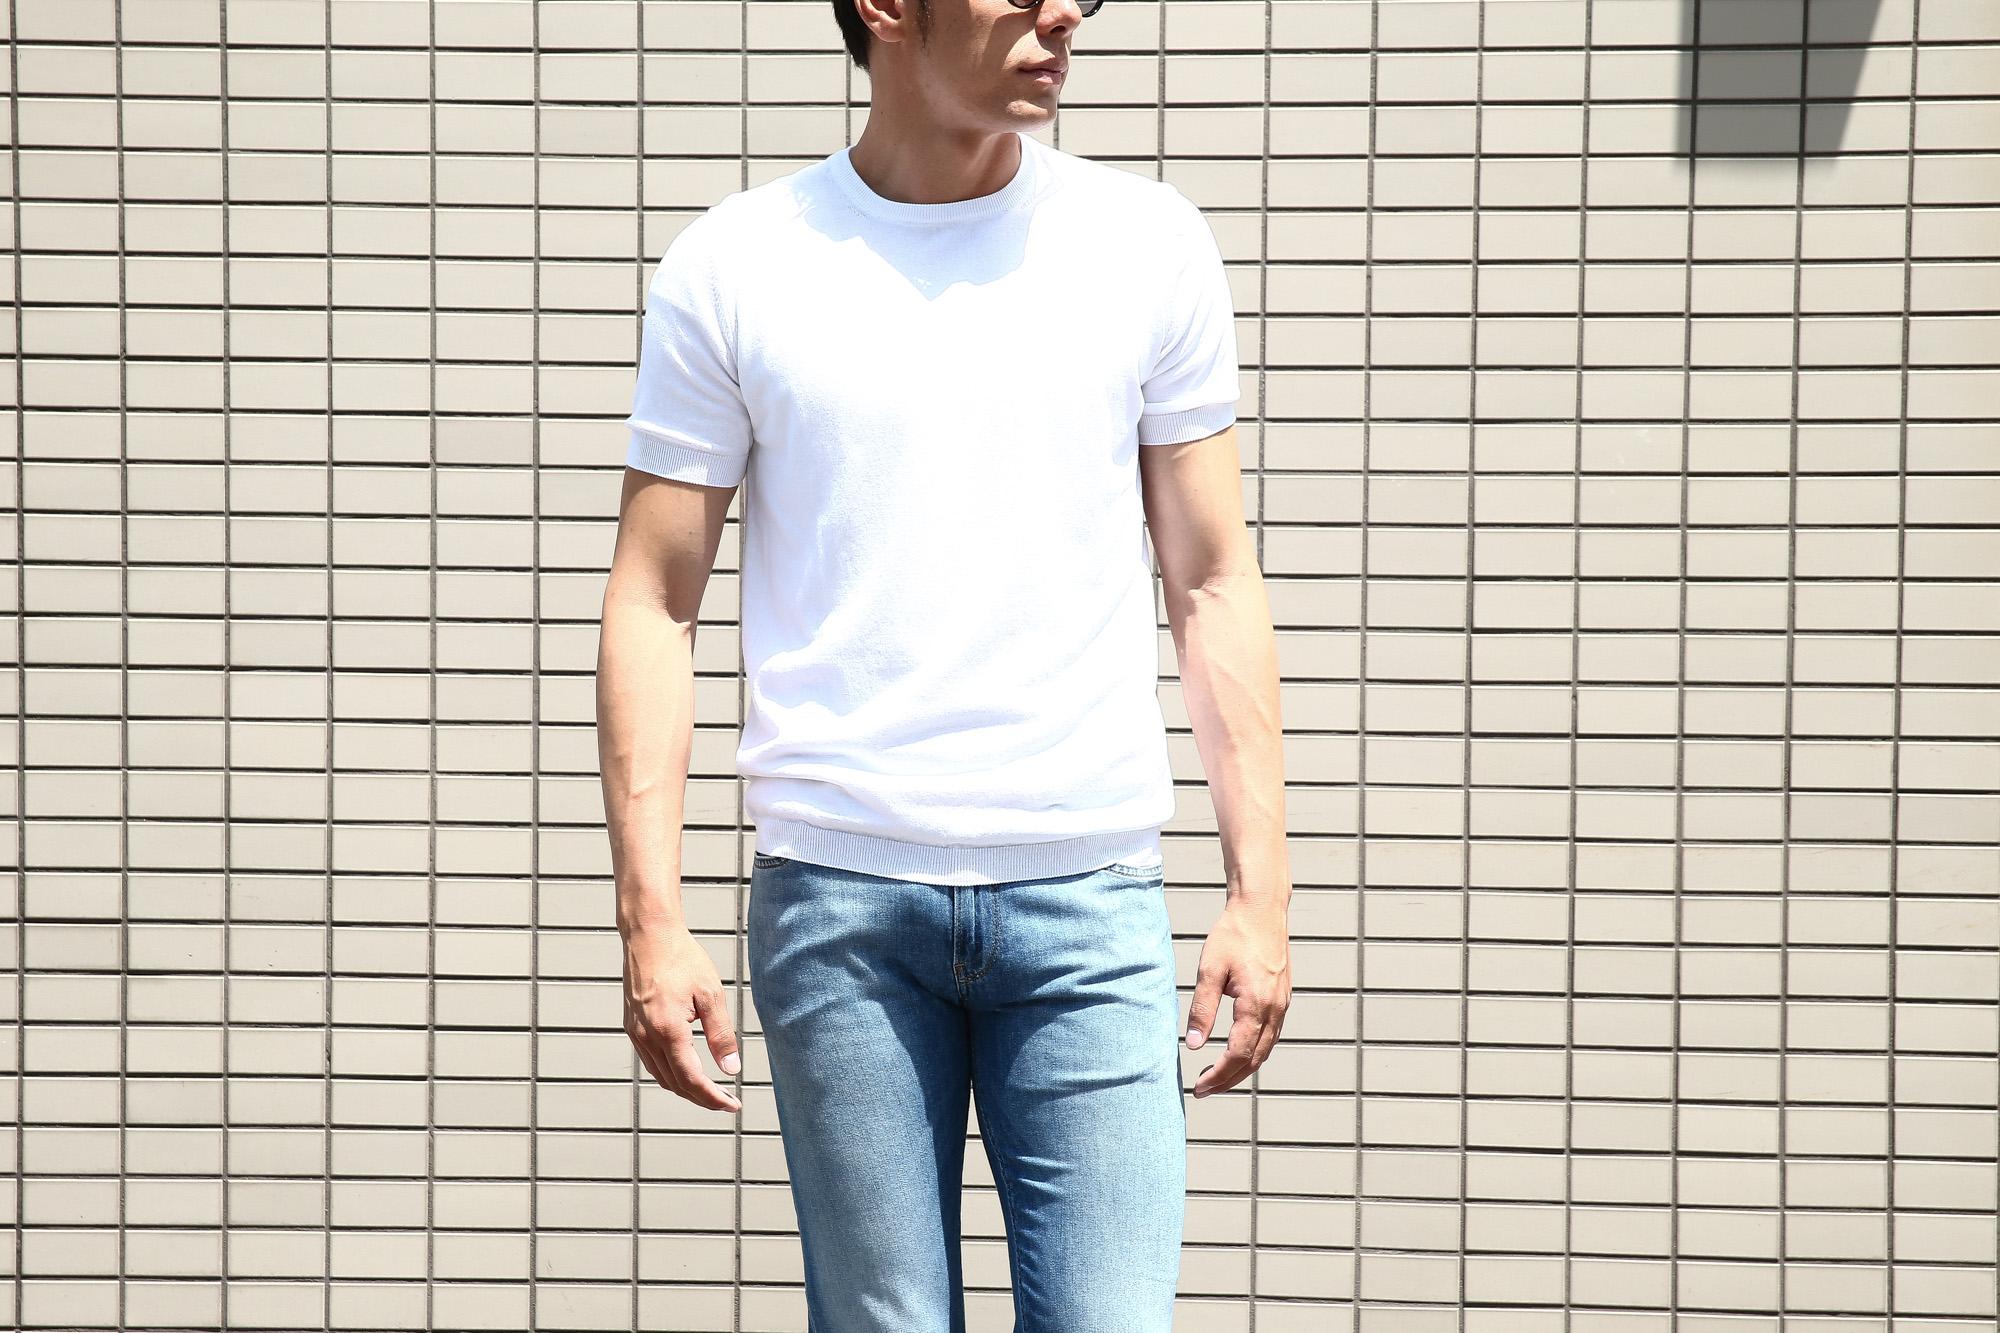 Gran Sasso (グランサッソ) Fresh Cotton T-shirt (フレッシュコットン Tシャツ) FRESH COTTON (フレッシュコットン) コットン ニット Tシャツ WHITE (ホワイト・002) made in italy (イタリア製) 2018 春夏新作 gransasso 愛知 名古屋 Alto e Diritto アルト エ デリット ニットTee